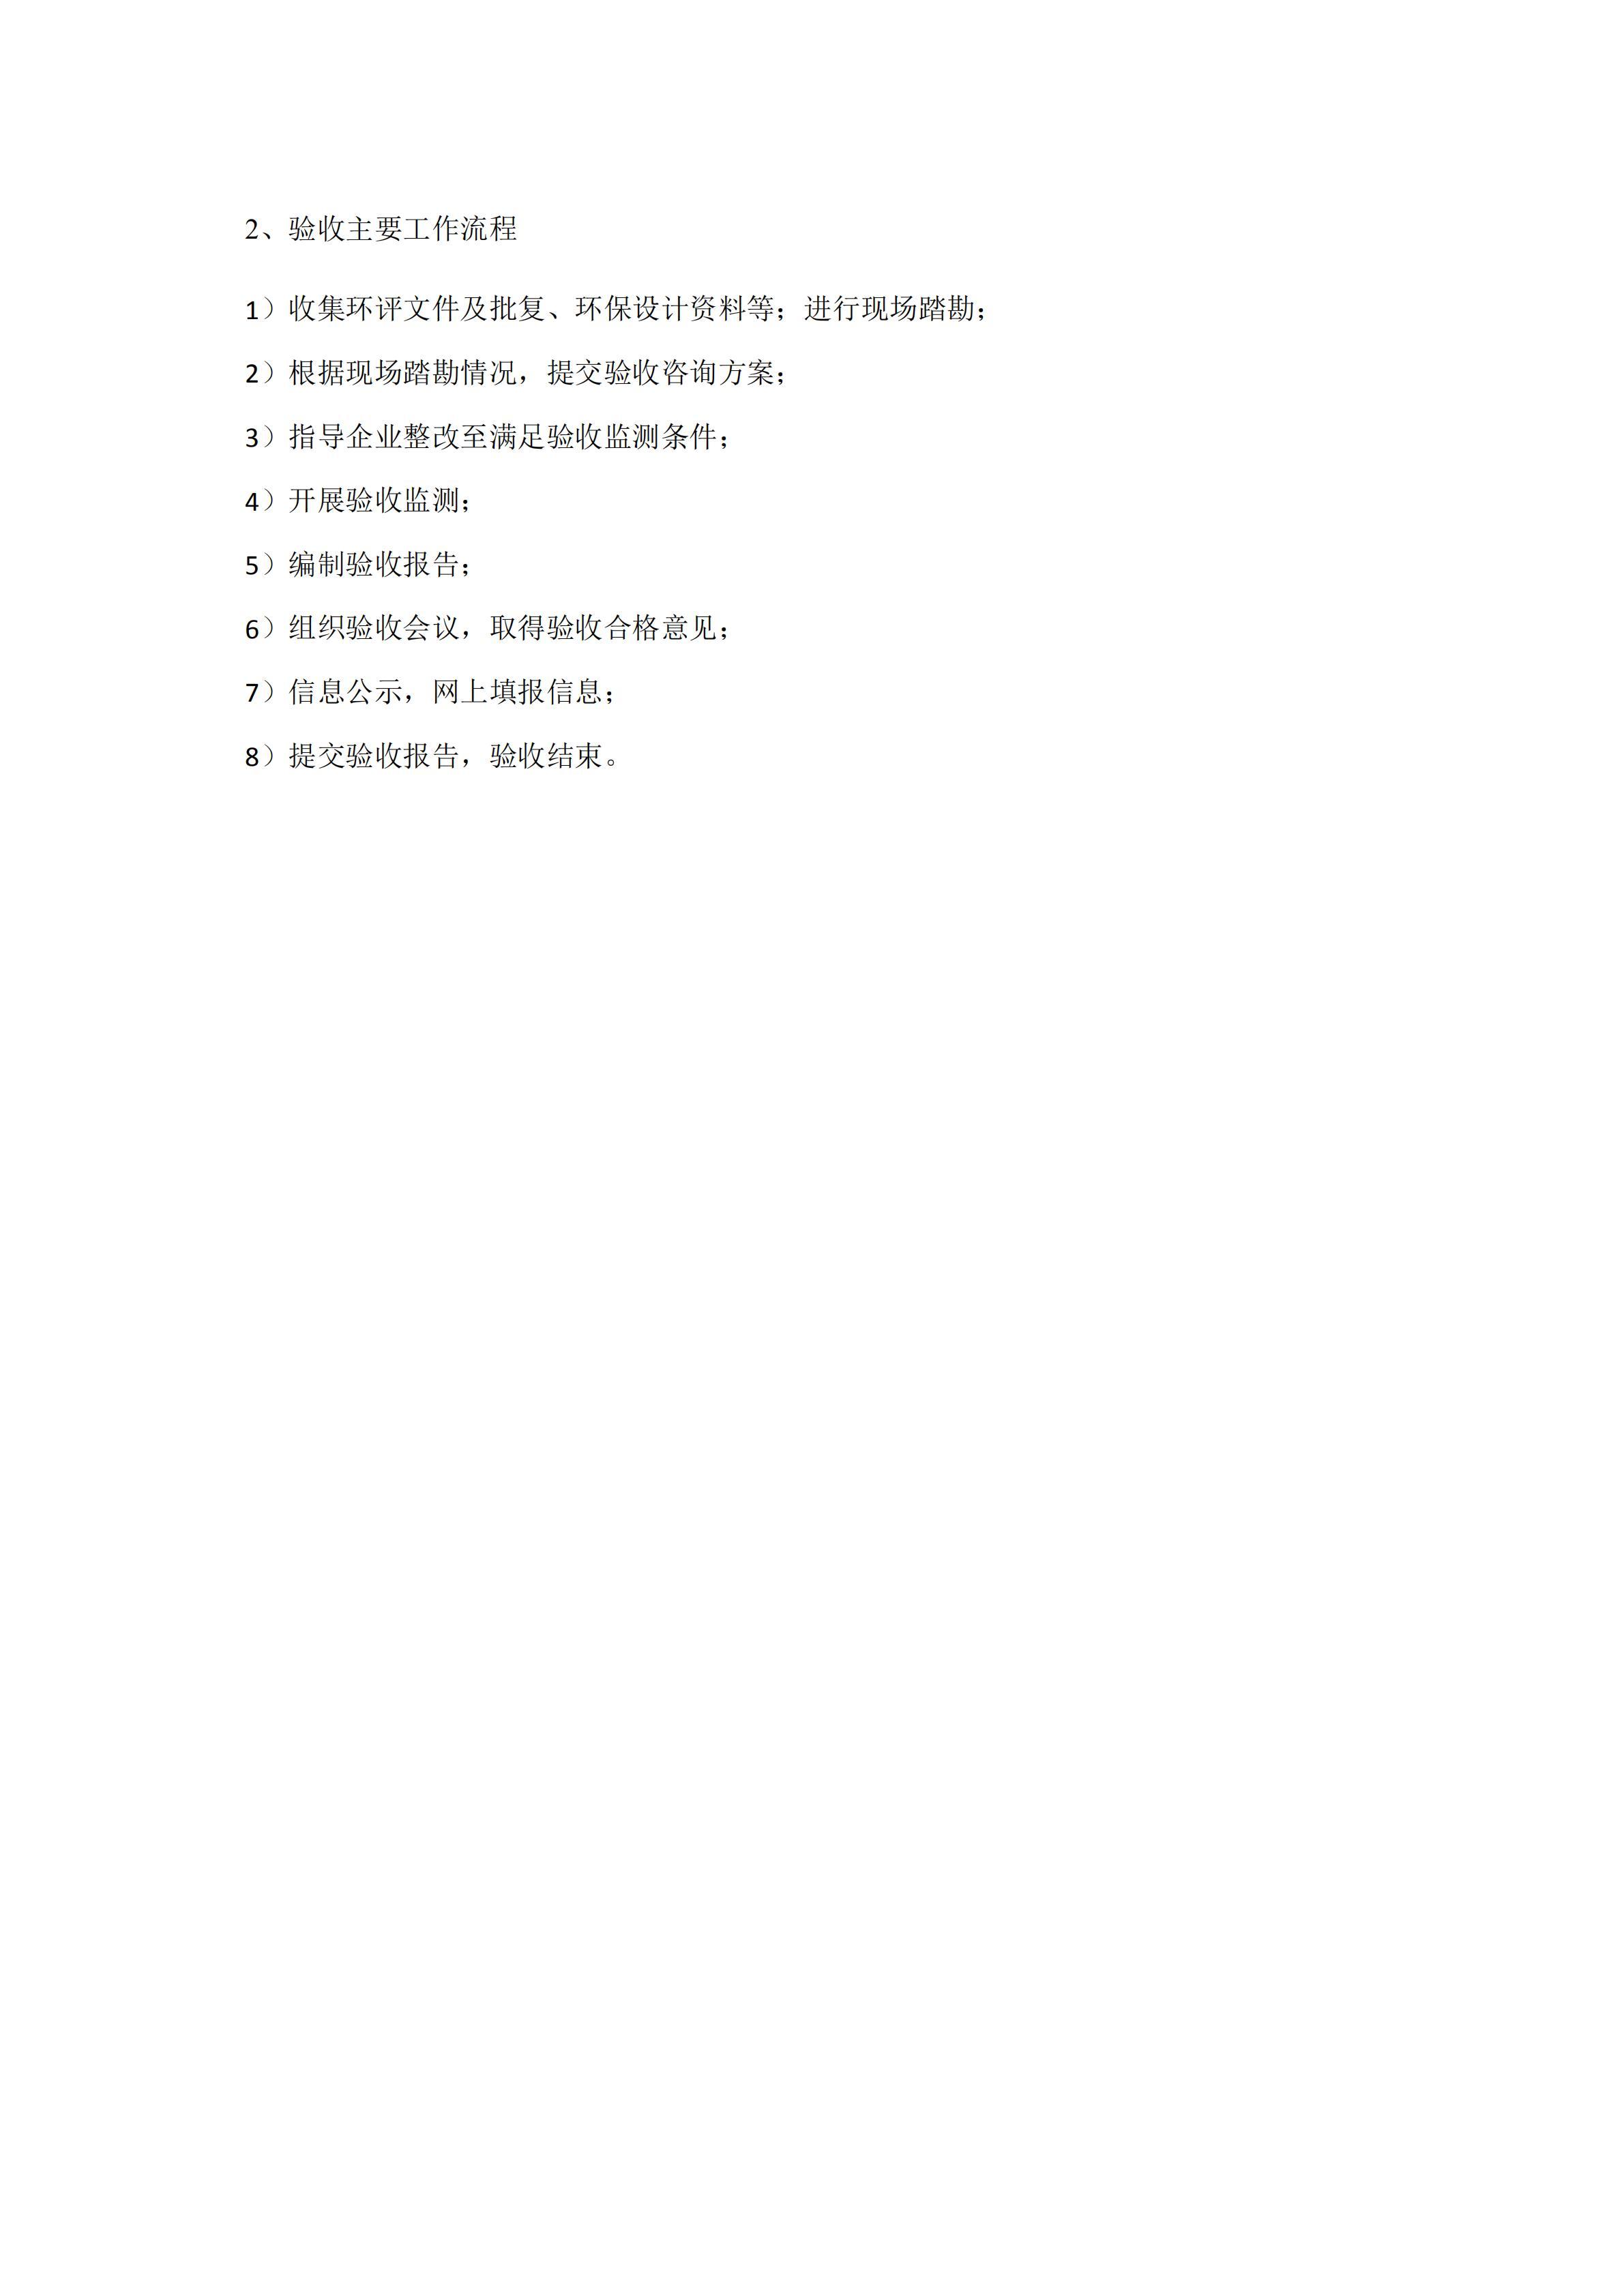 网站-环评及验收预案合并_02.png